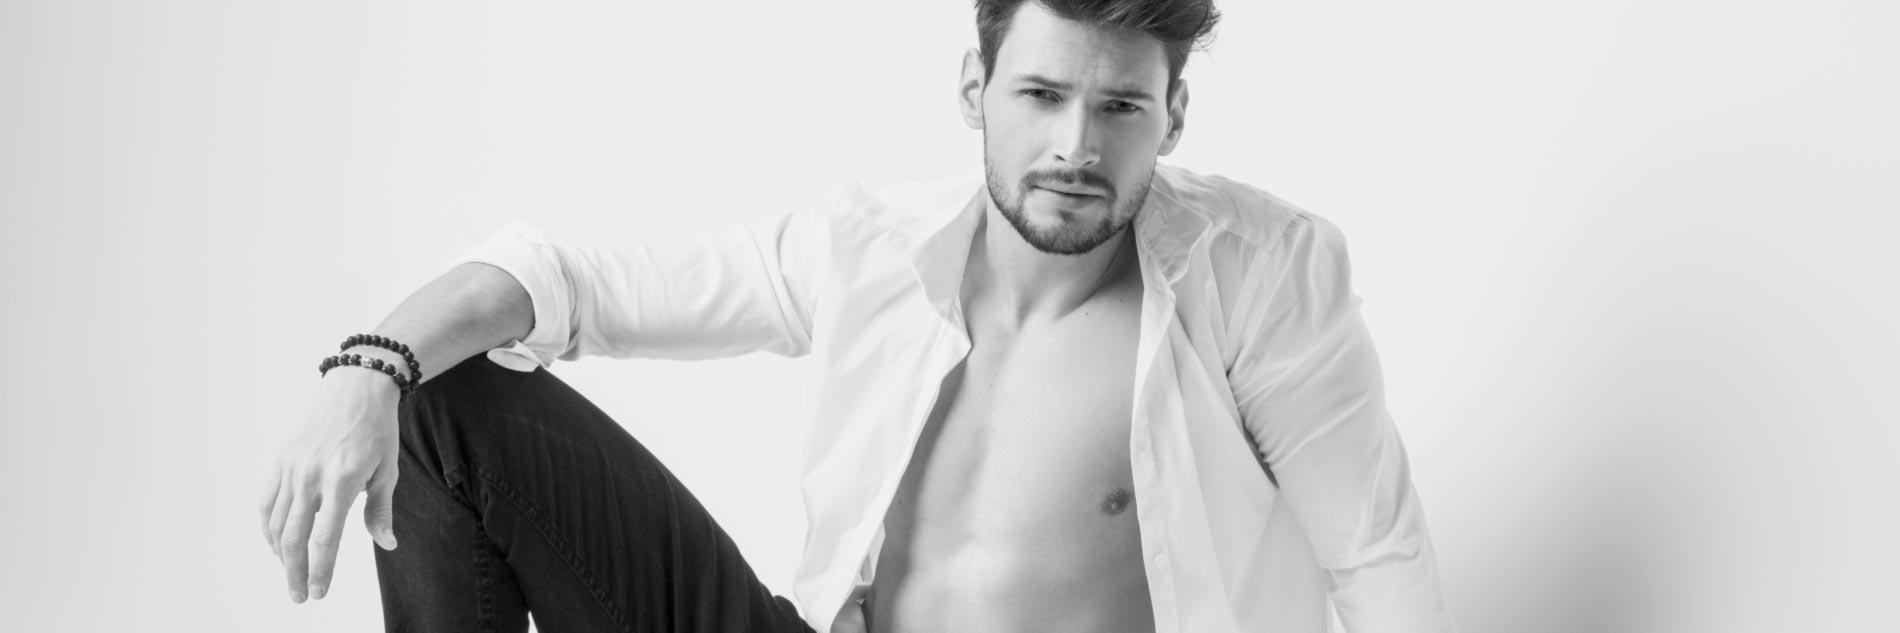 7 schlechte Ausreden von Männern für Sex ohne Kondom - Mann Model